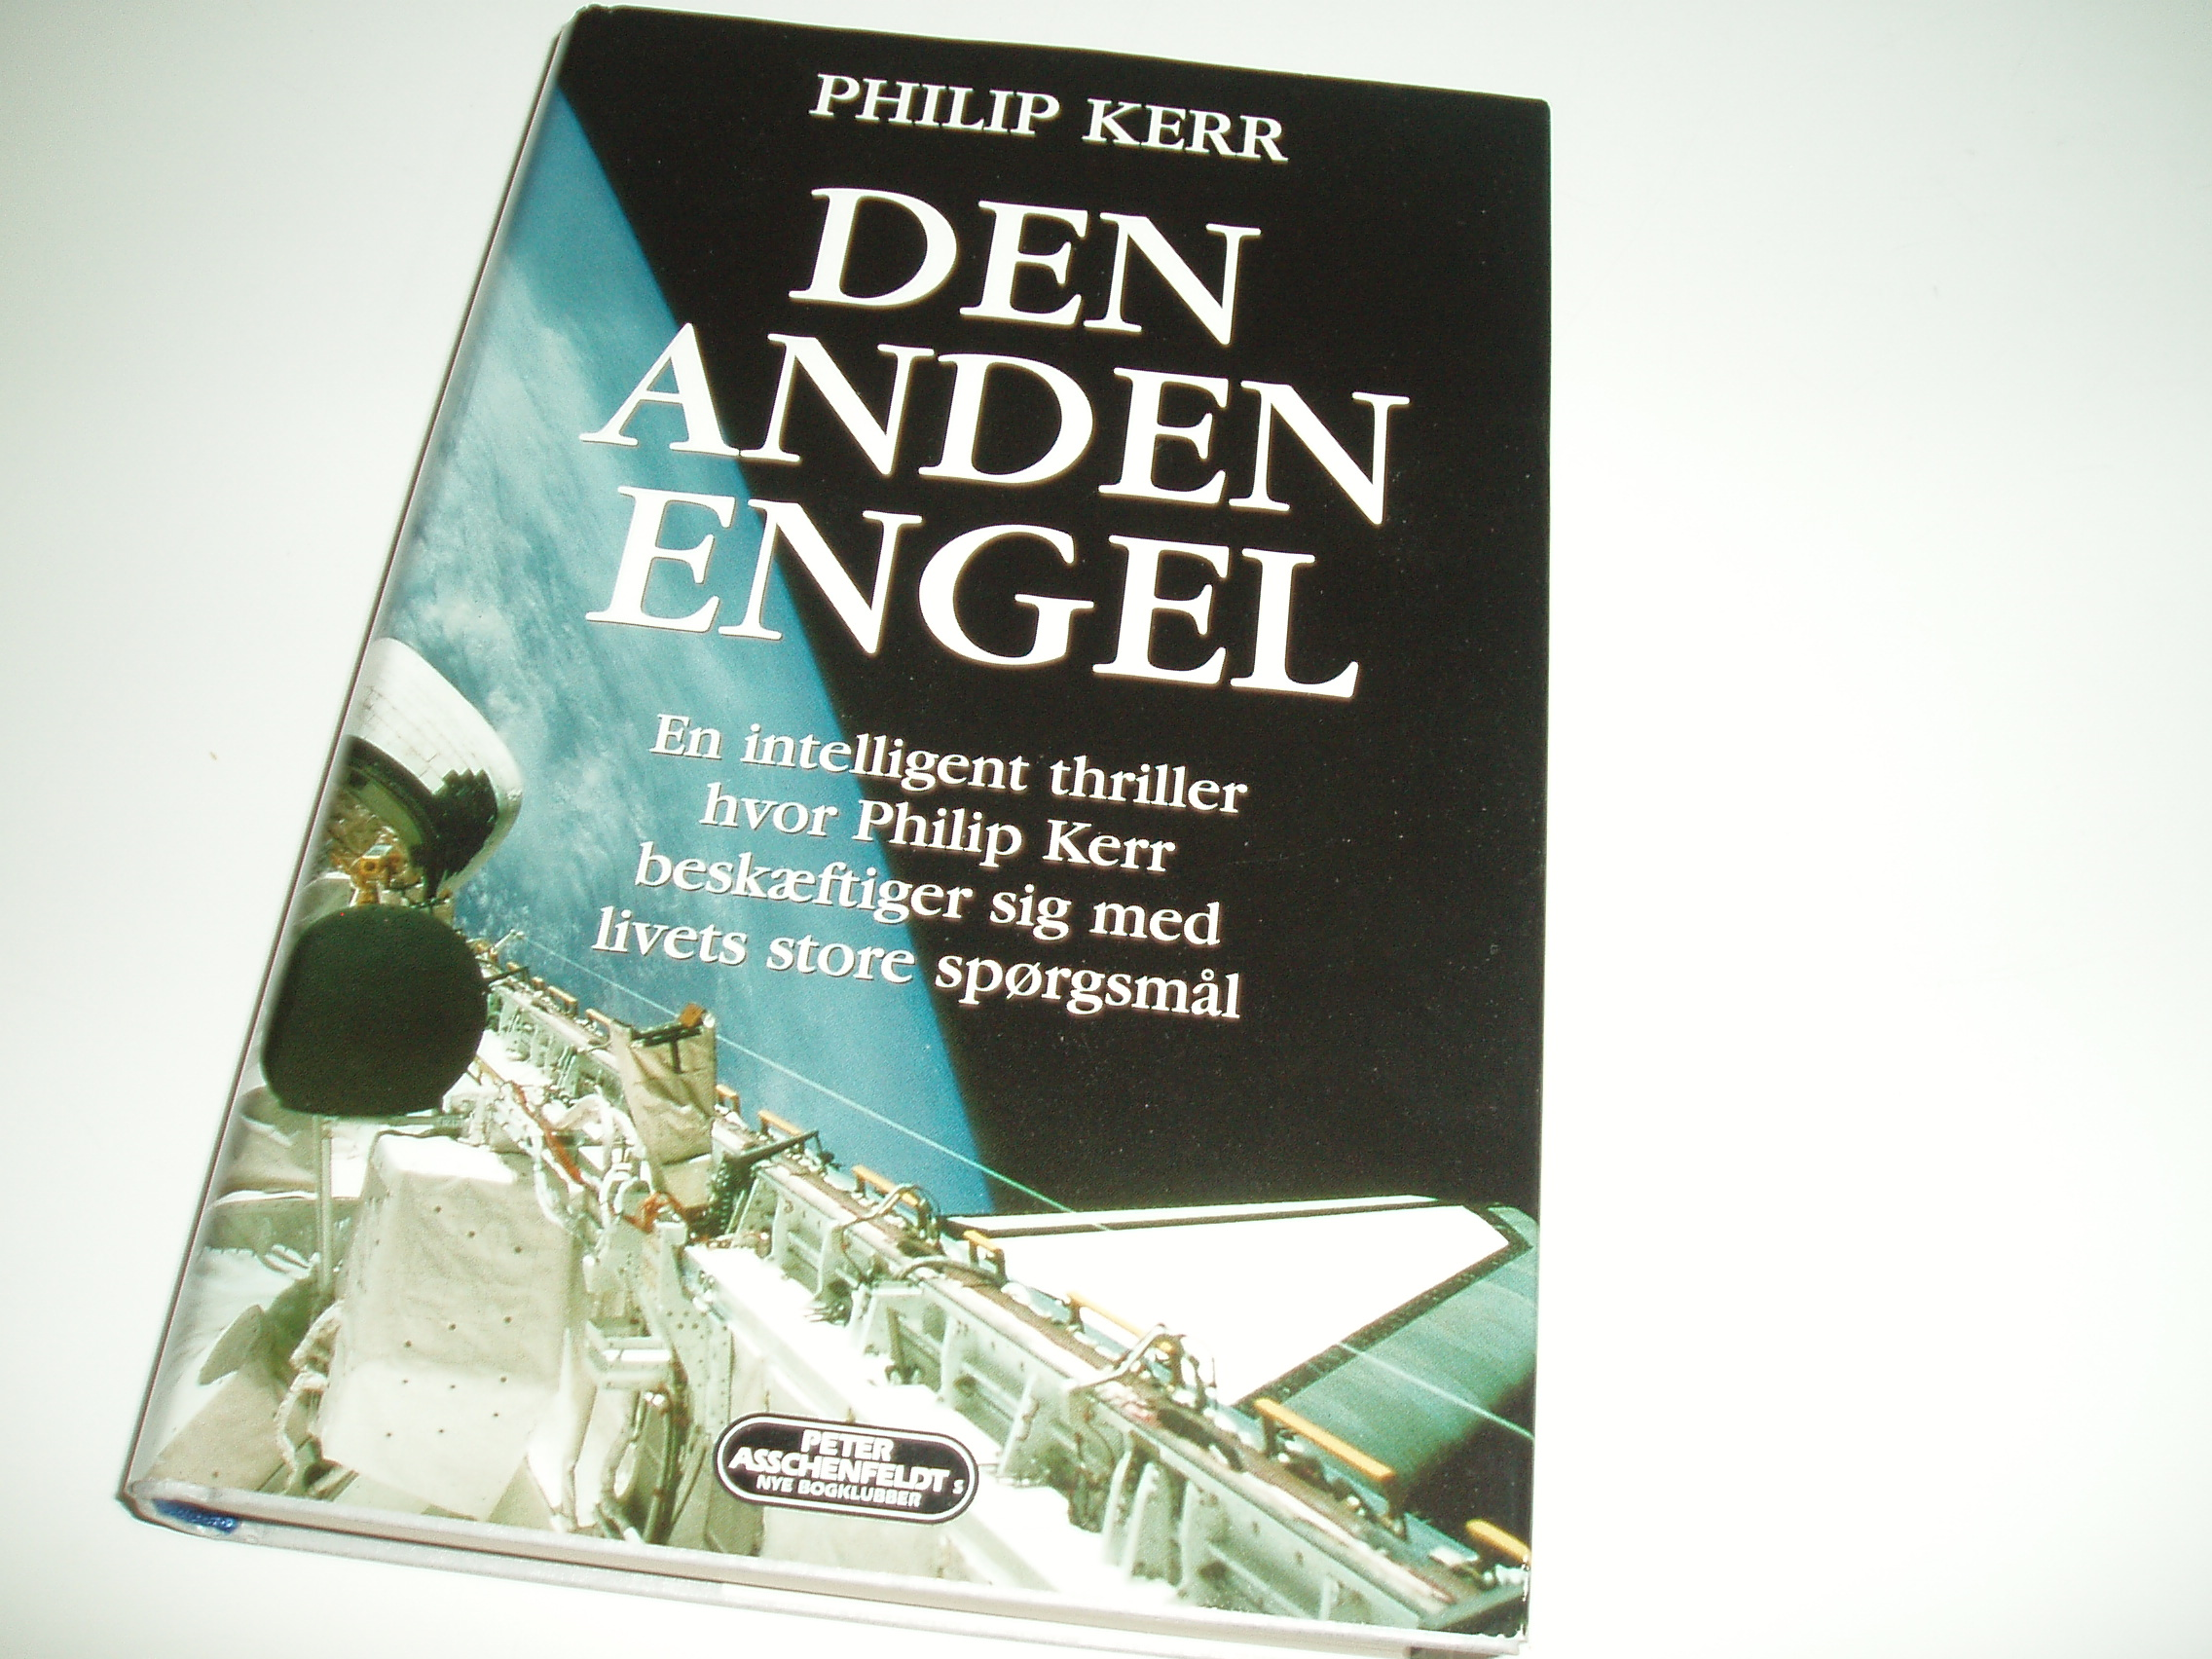 Den anden engel. En intelligent thriller......Bogklubudgave